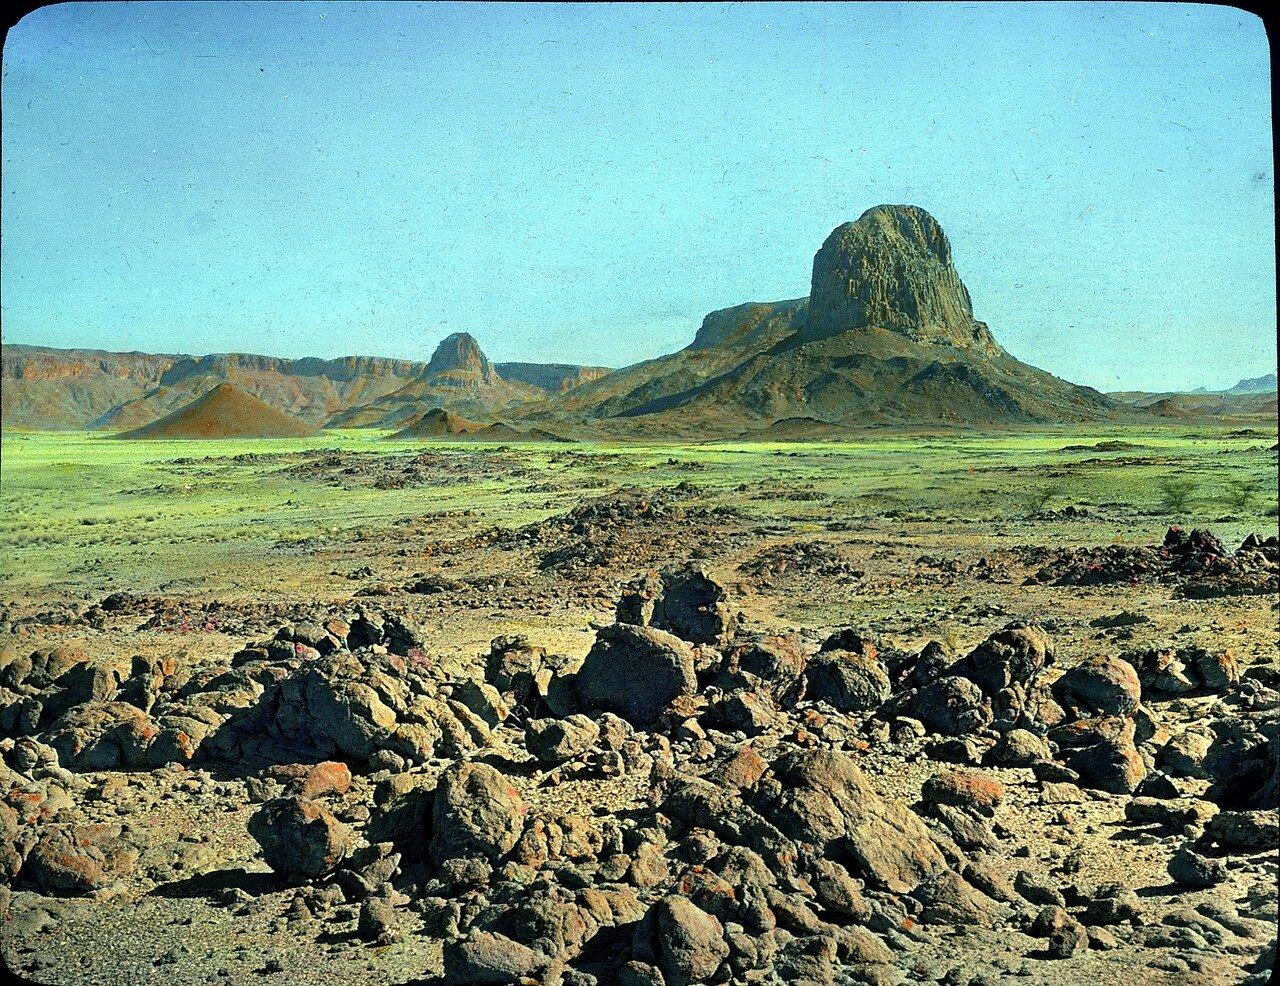 Алжир. Северо-восток Таманрассета. Гнейс, коренные горные породы